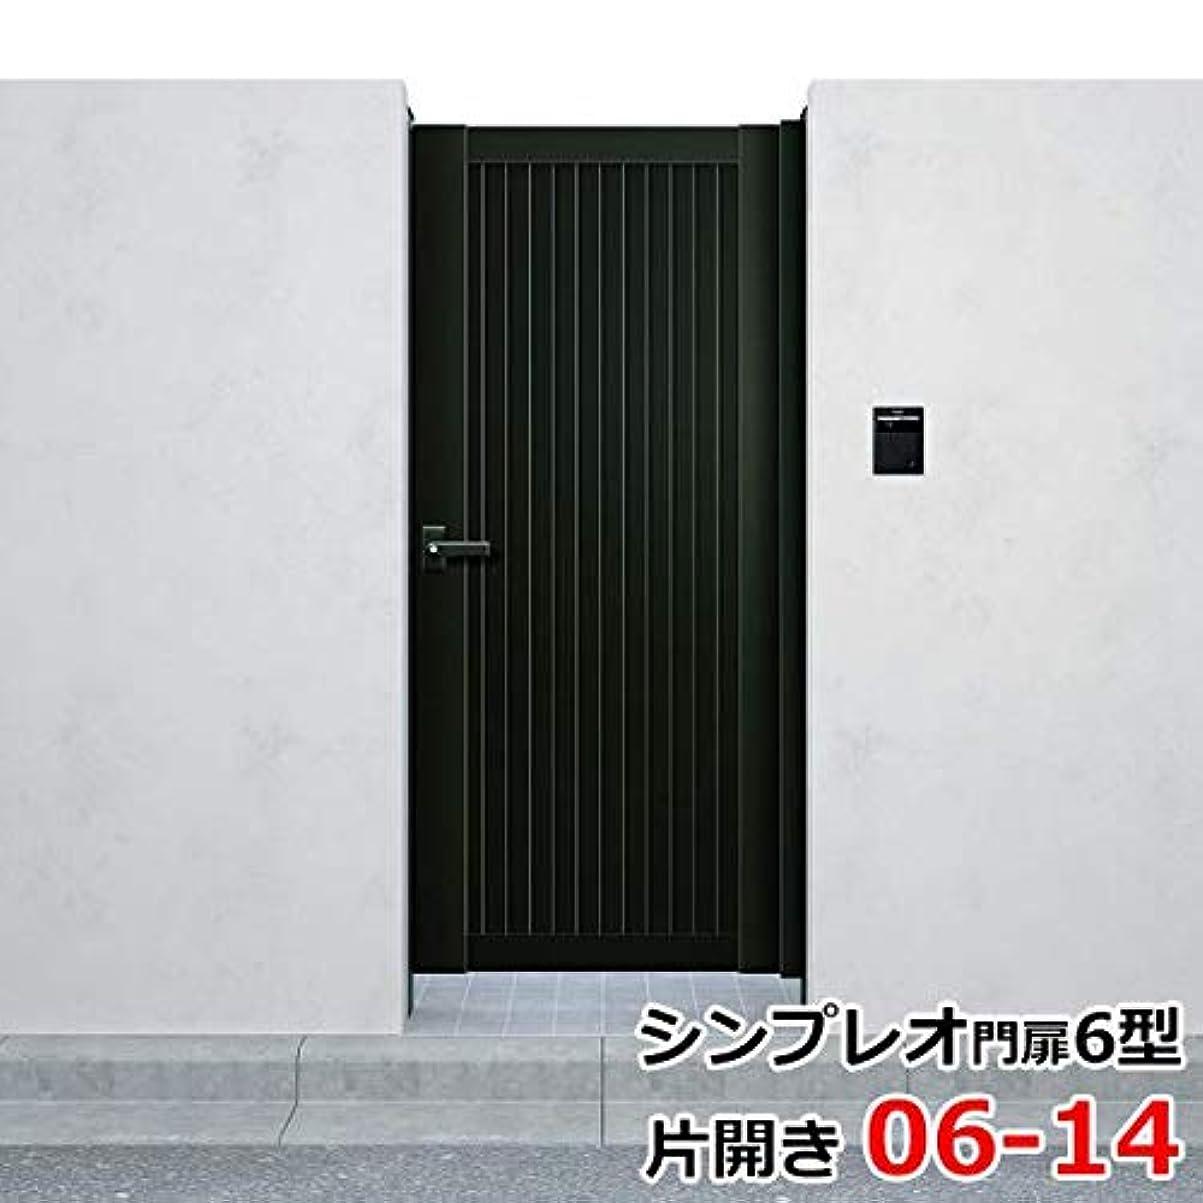 仕立て屋選択する回転させるYKKAP シンプレオ門扉6型 片開き 門柱仕様 06-14 HME-6 『たて目隠しデザイン』 プラチナステン